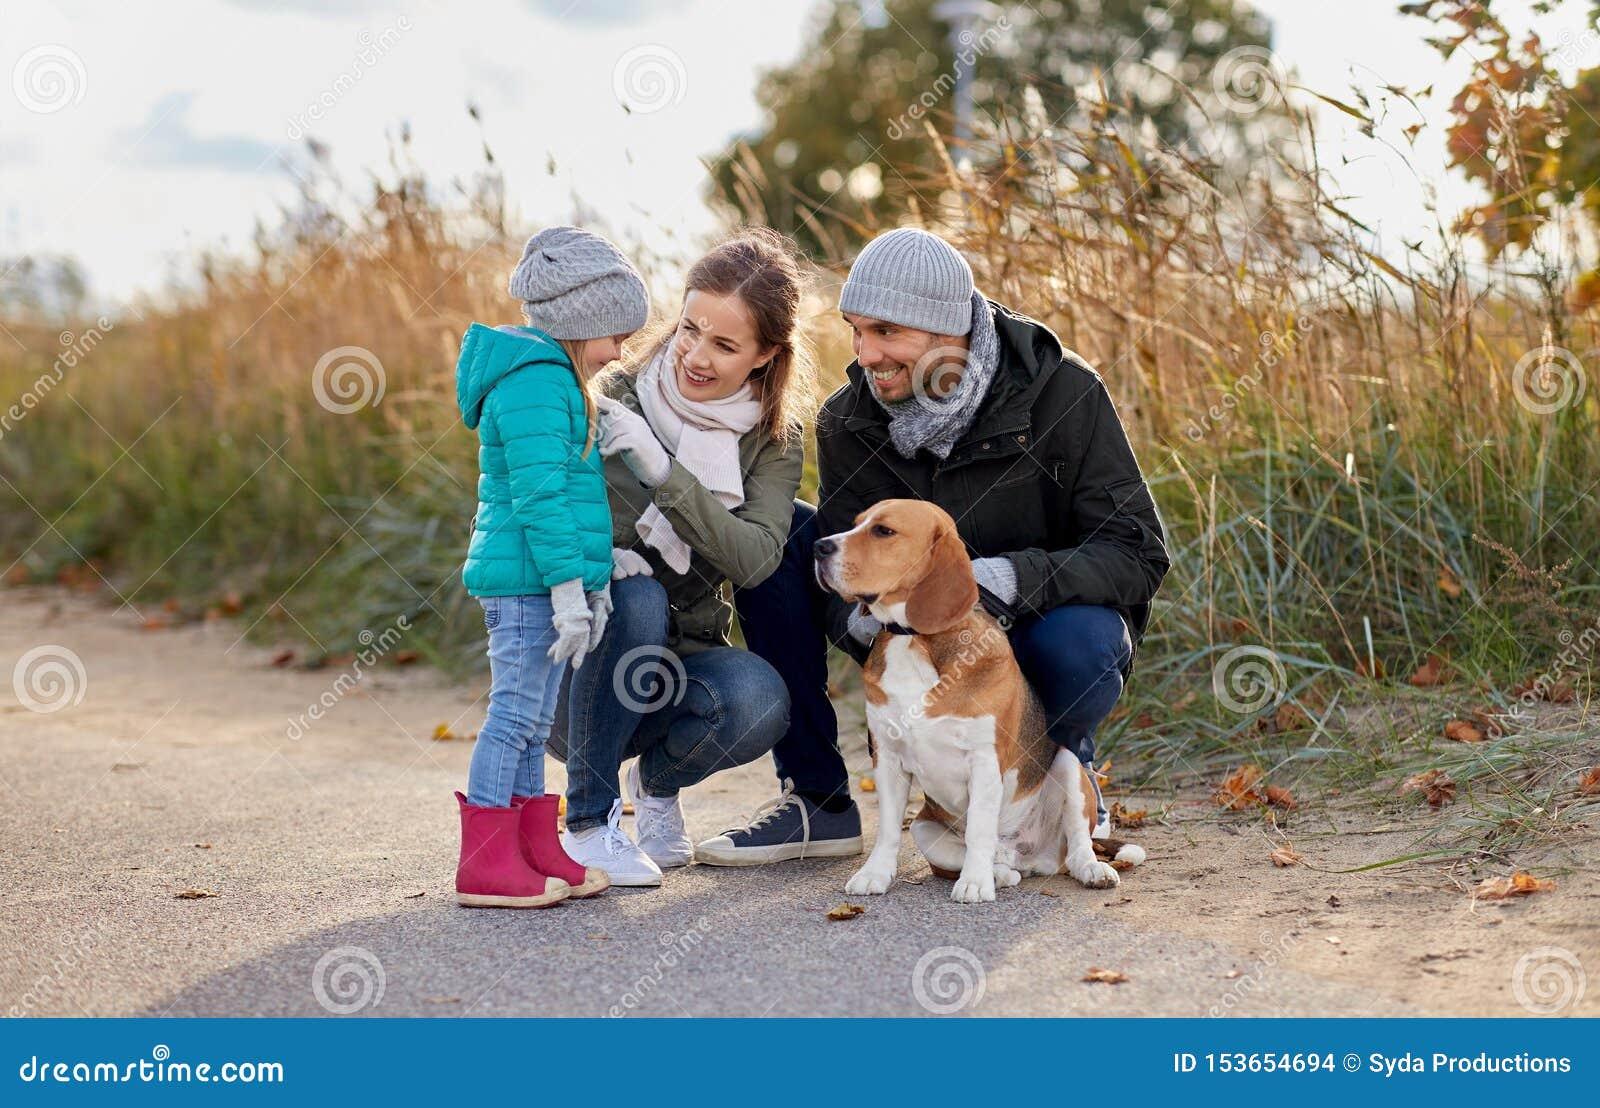 Famiglia felice con il cane del cane da lepre all aperto in autunno